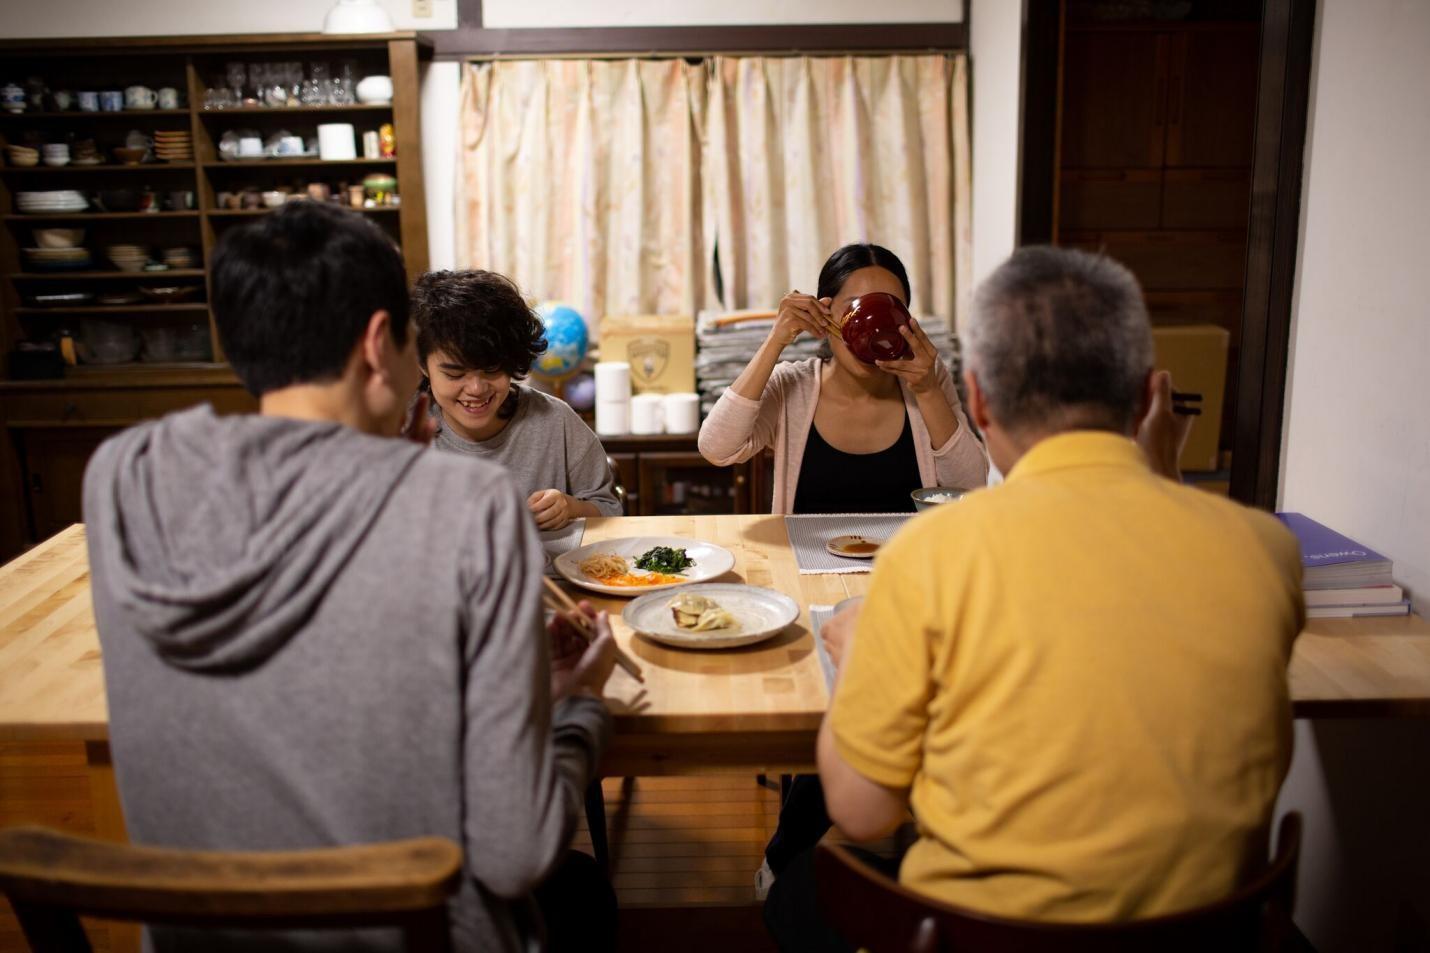 田中功起,《抽象/家庭》,2020,101分钟,电影截图,图片由田中功起提供